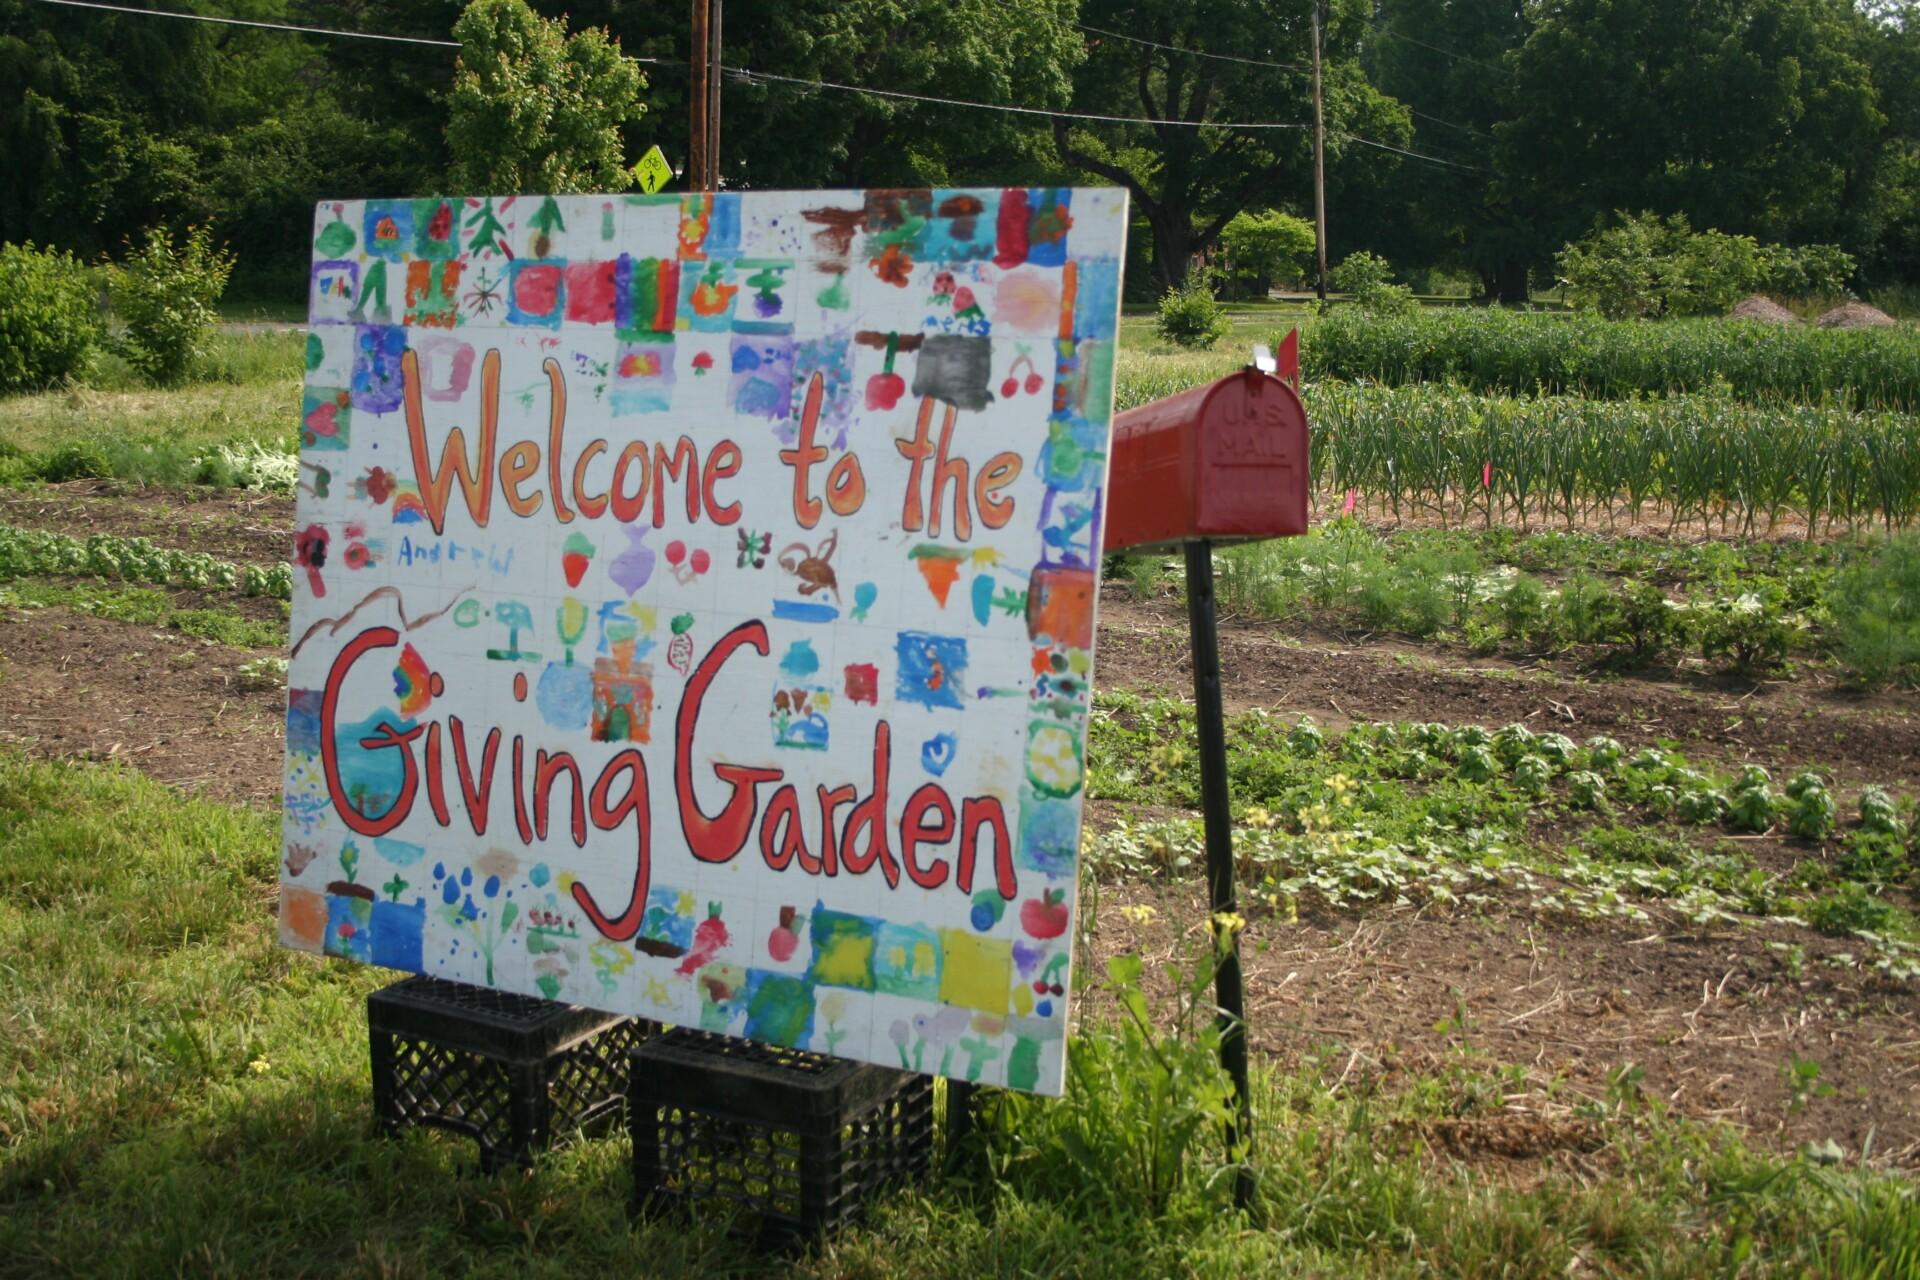 The 2018 Giving Garden